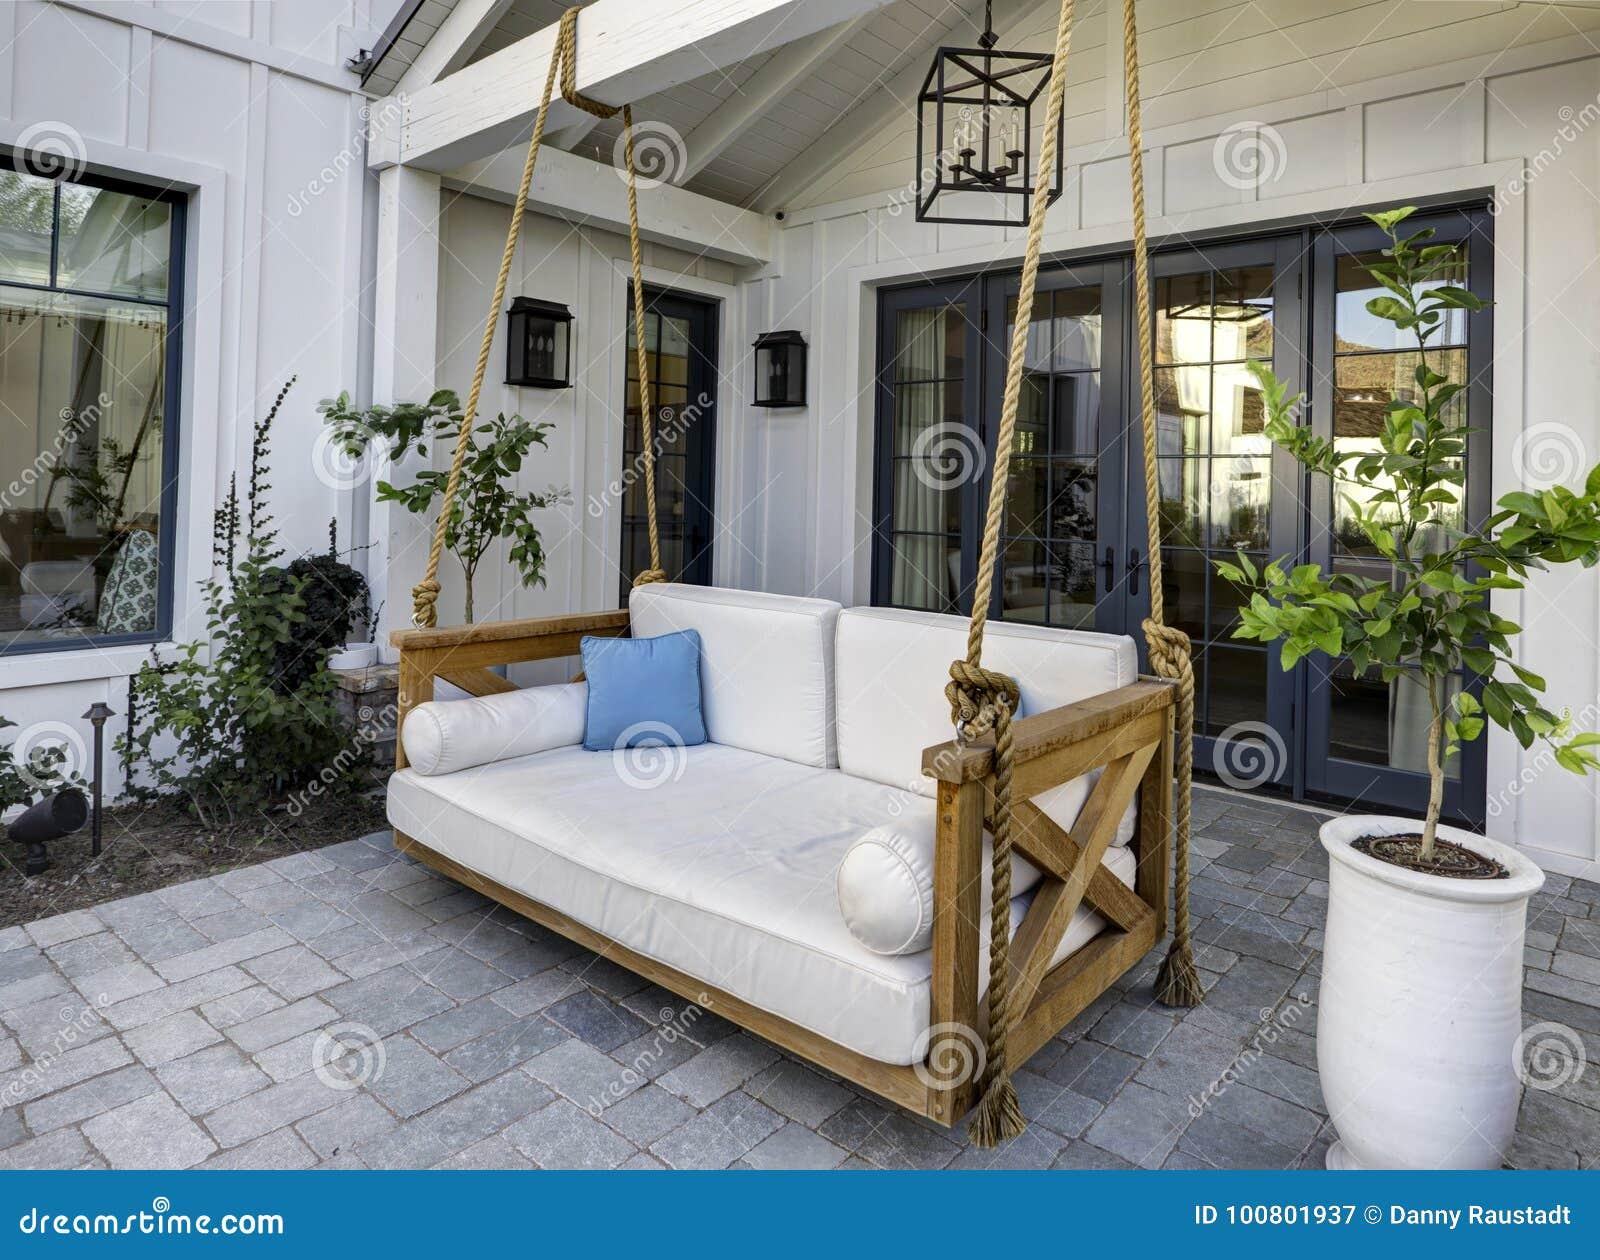 Maison Moderne Avec Patio Interieur nouveau patio à la maison classique moderne avec une